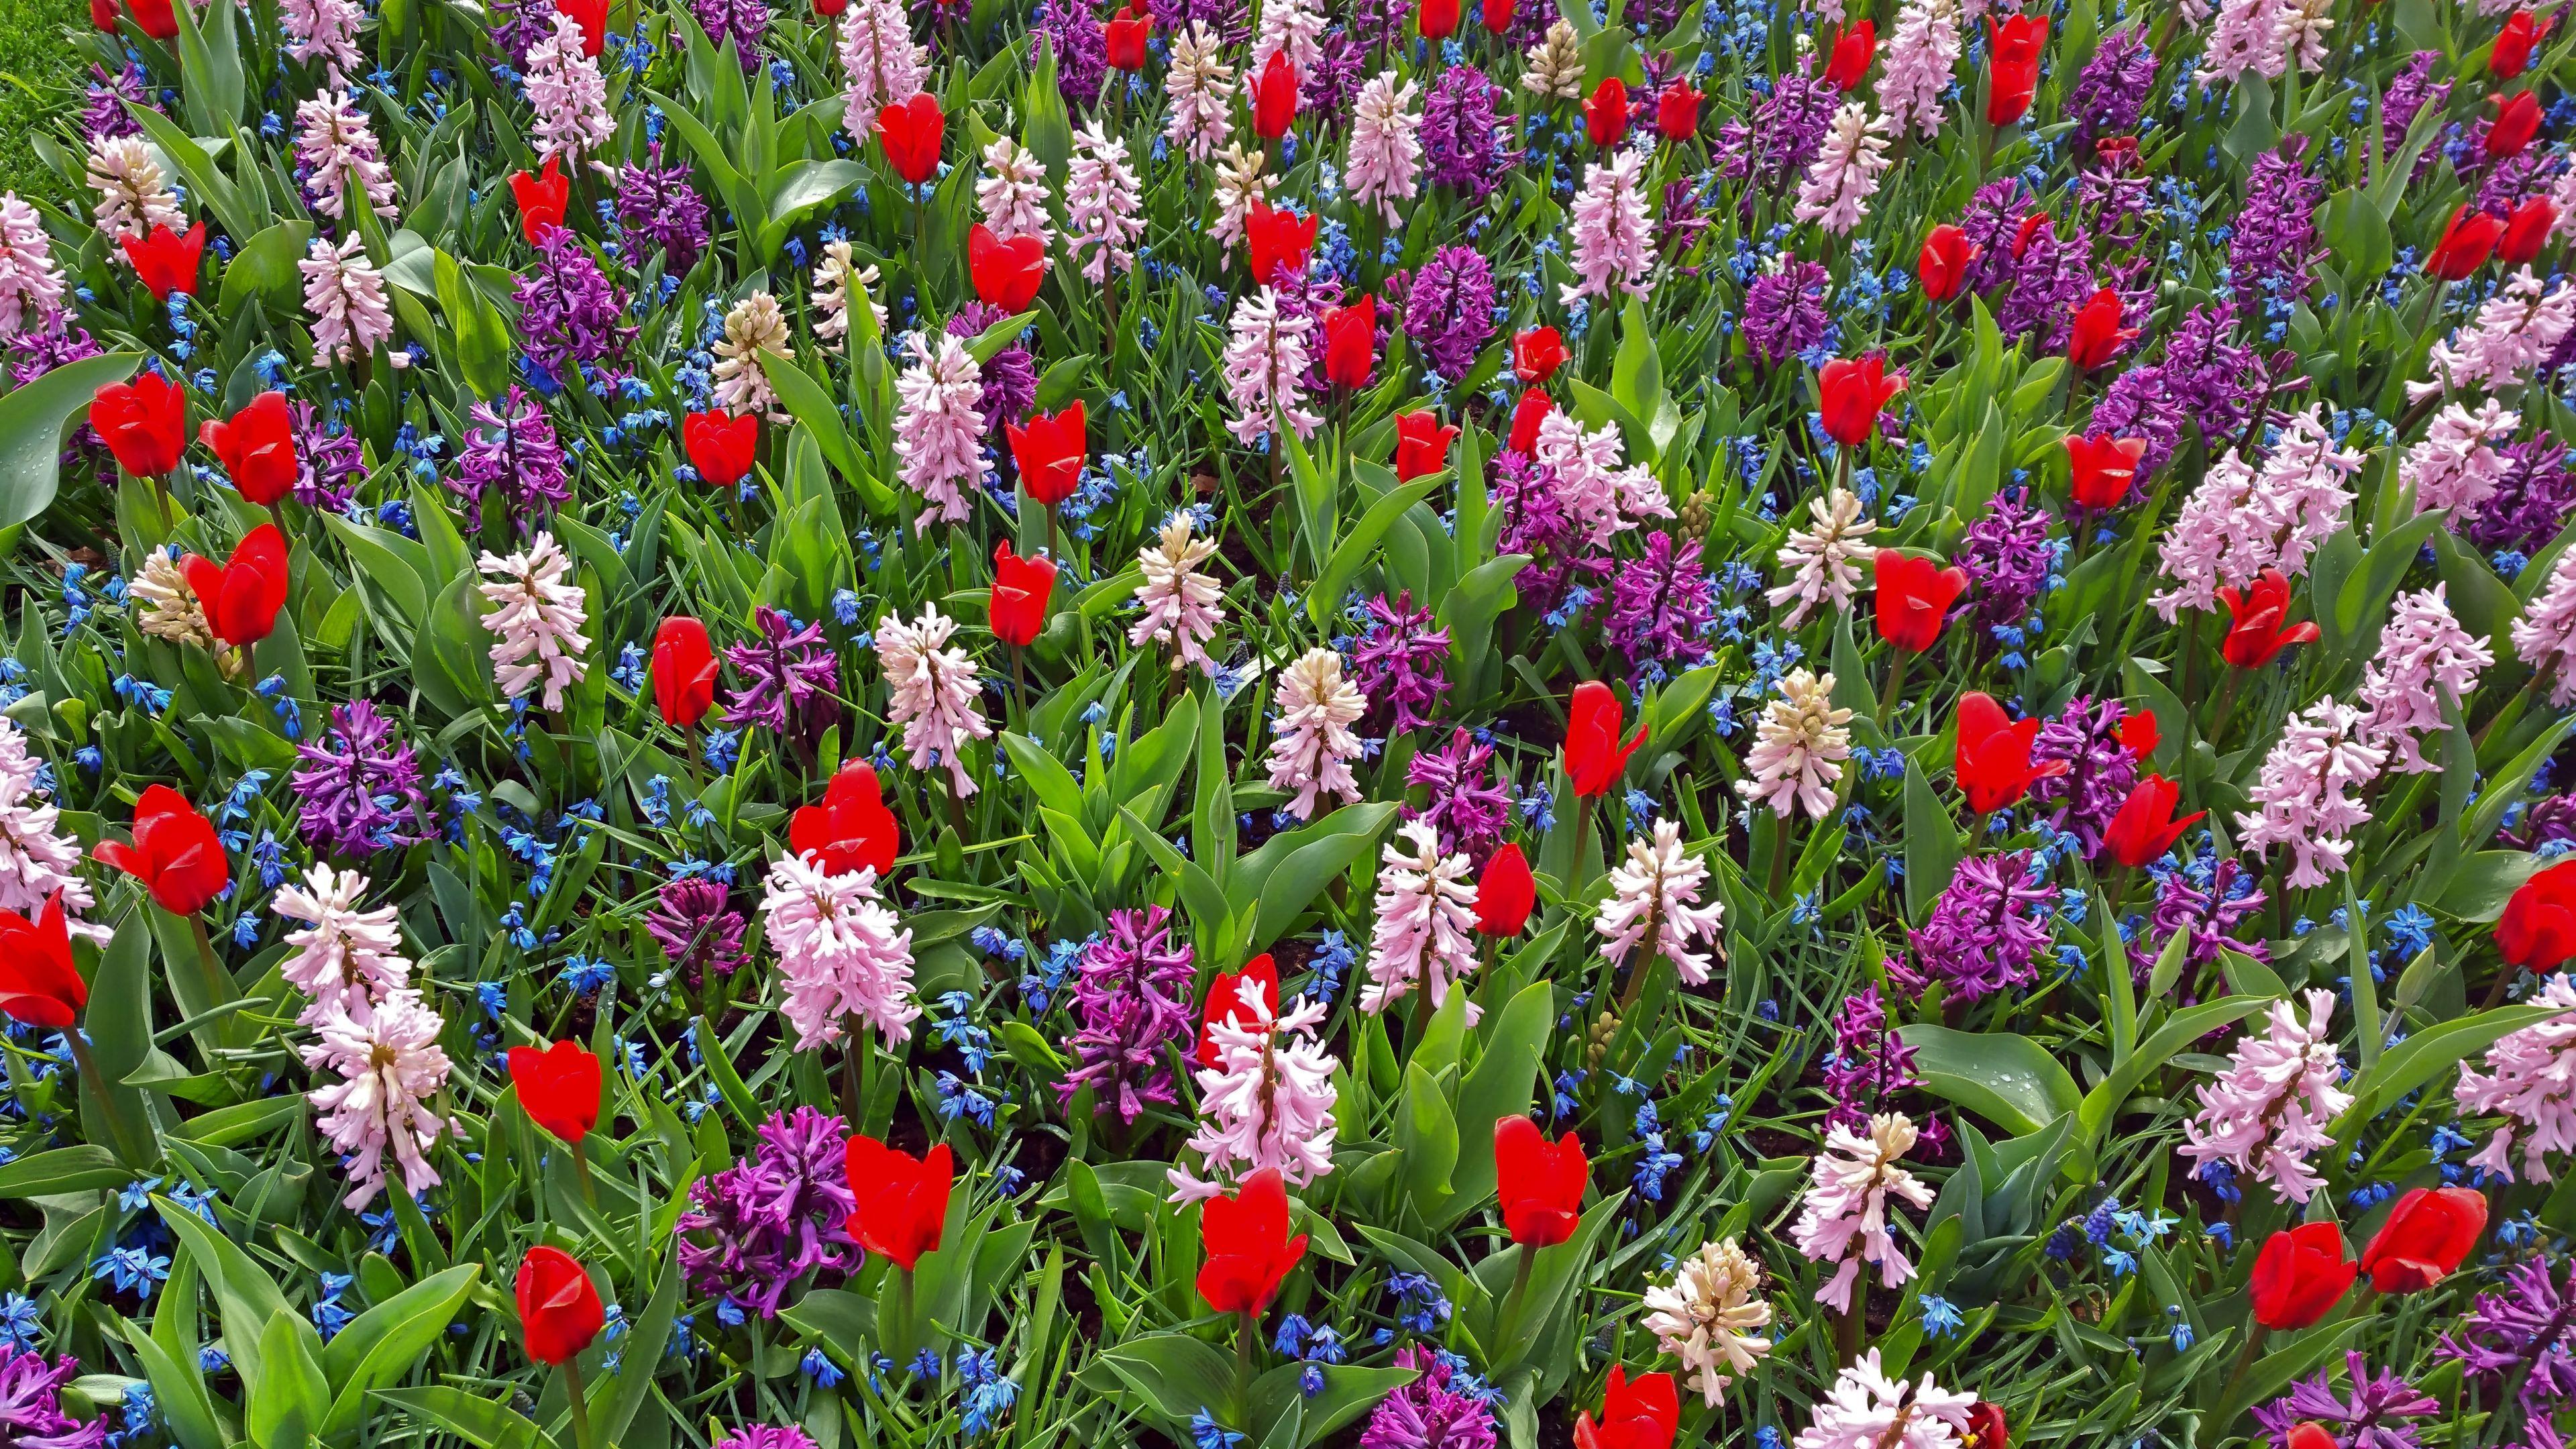 Hintergrundbilder Frühlingsblumen Gratis